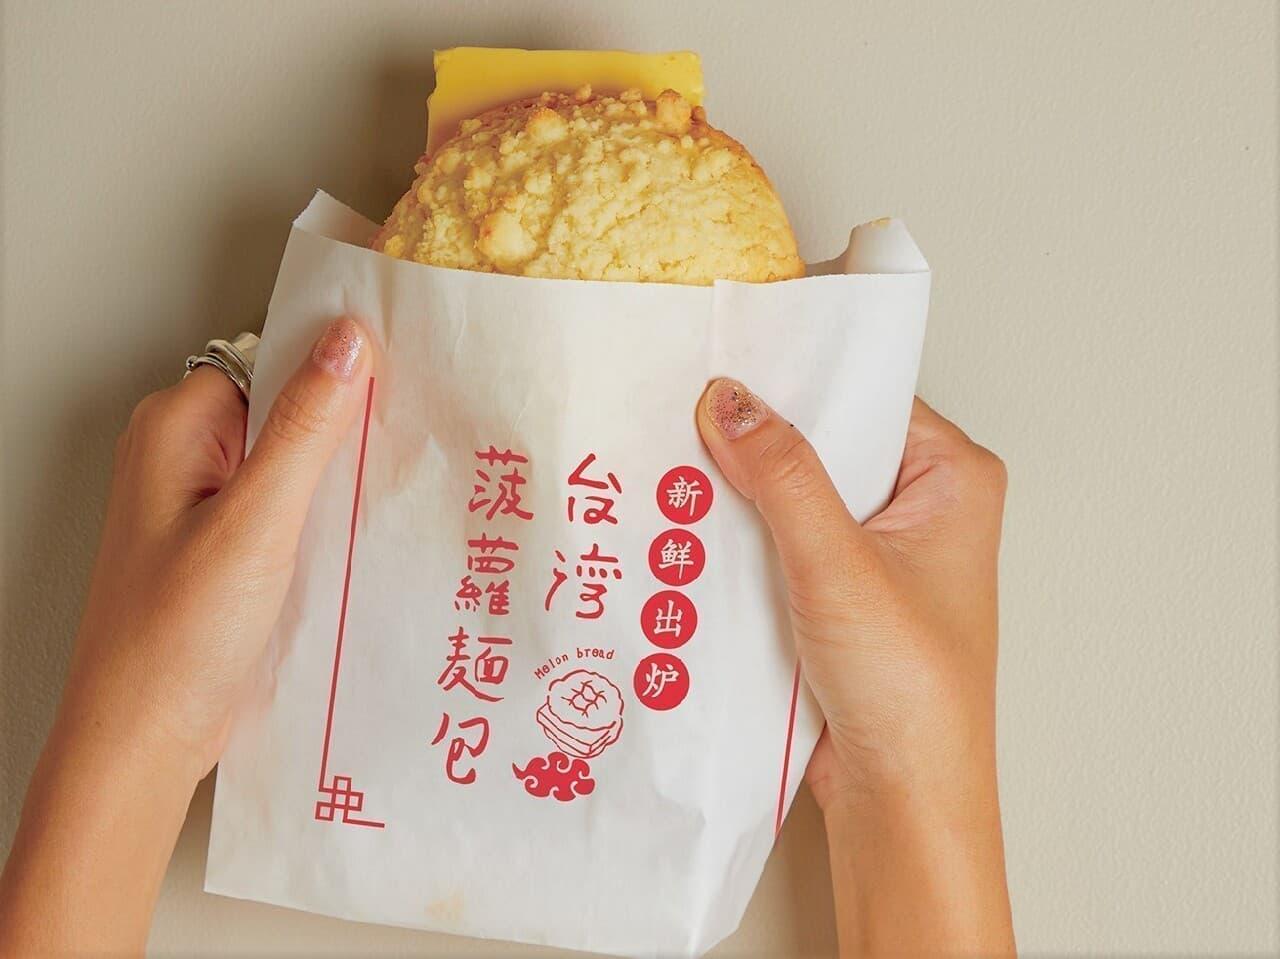 月間1万個うれる「台湾メロンパン」